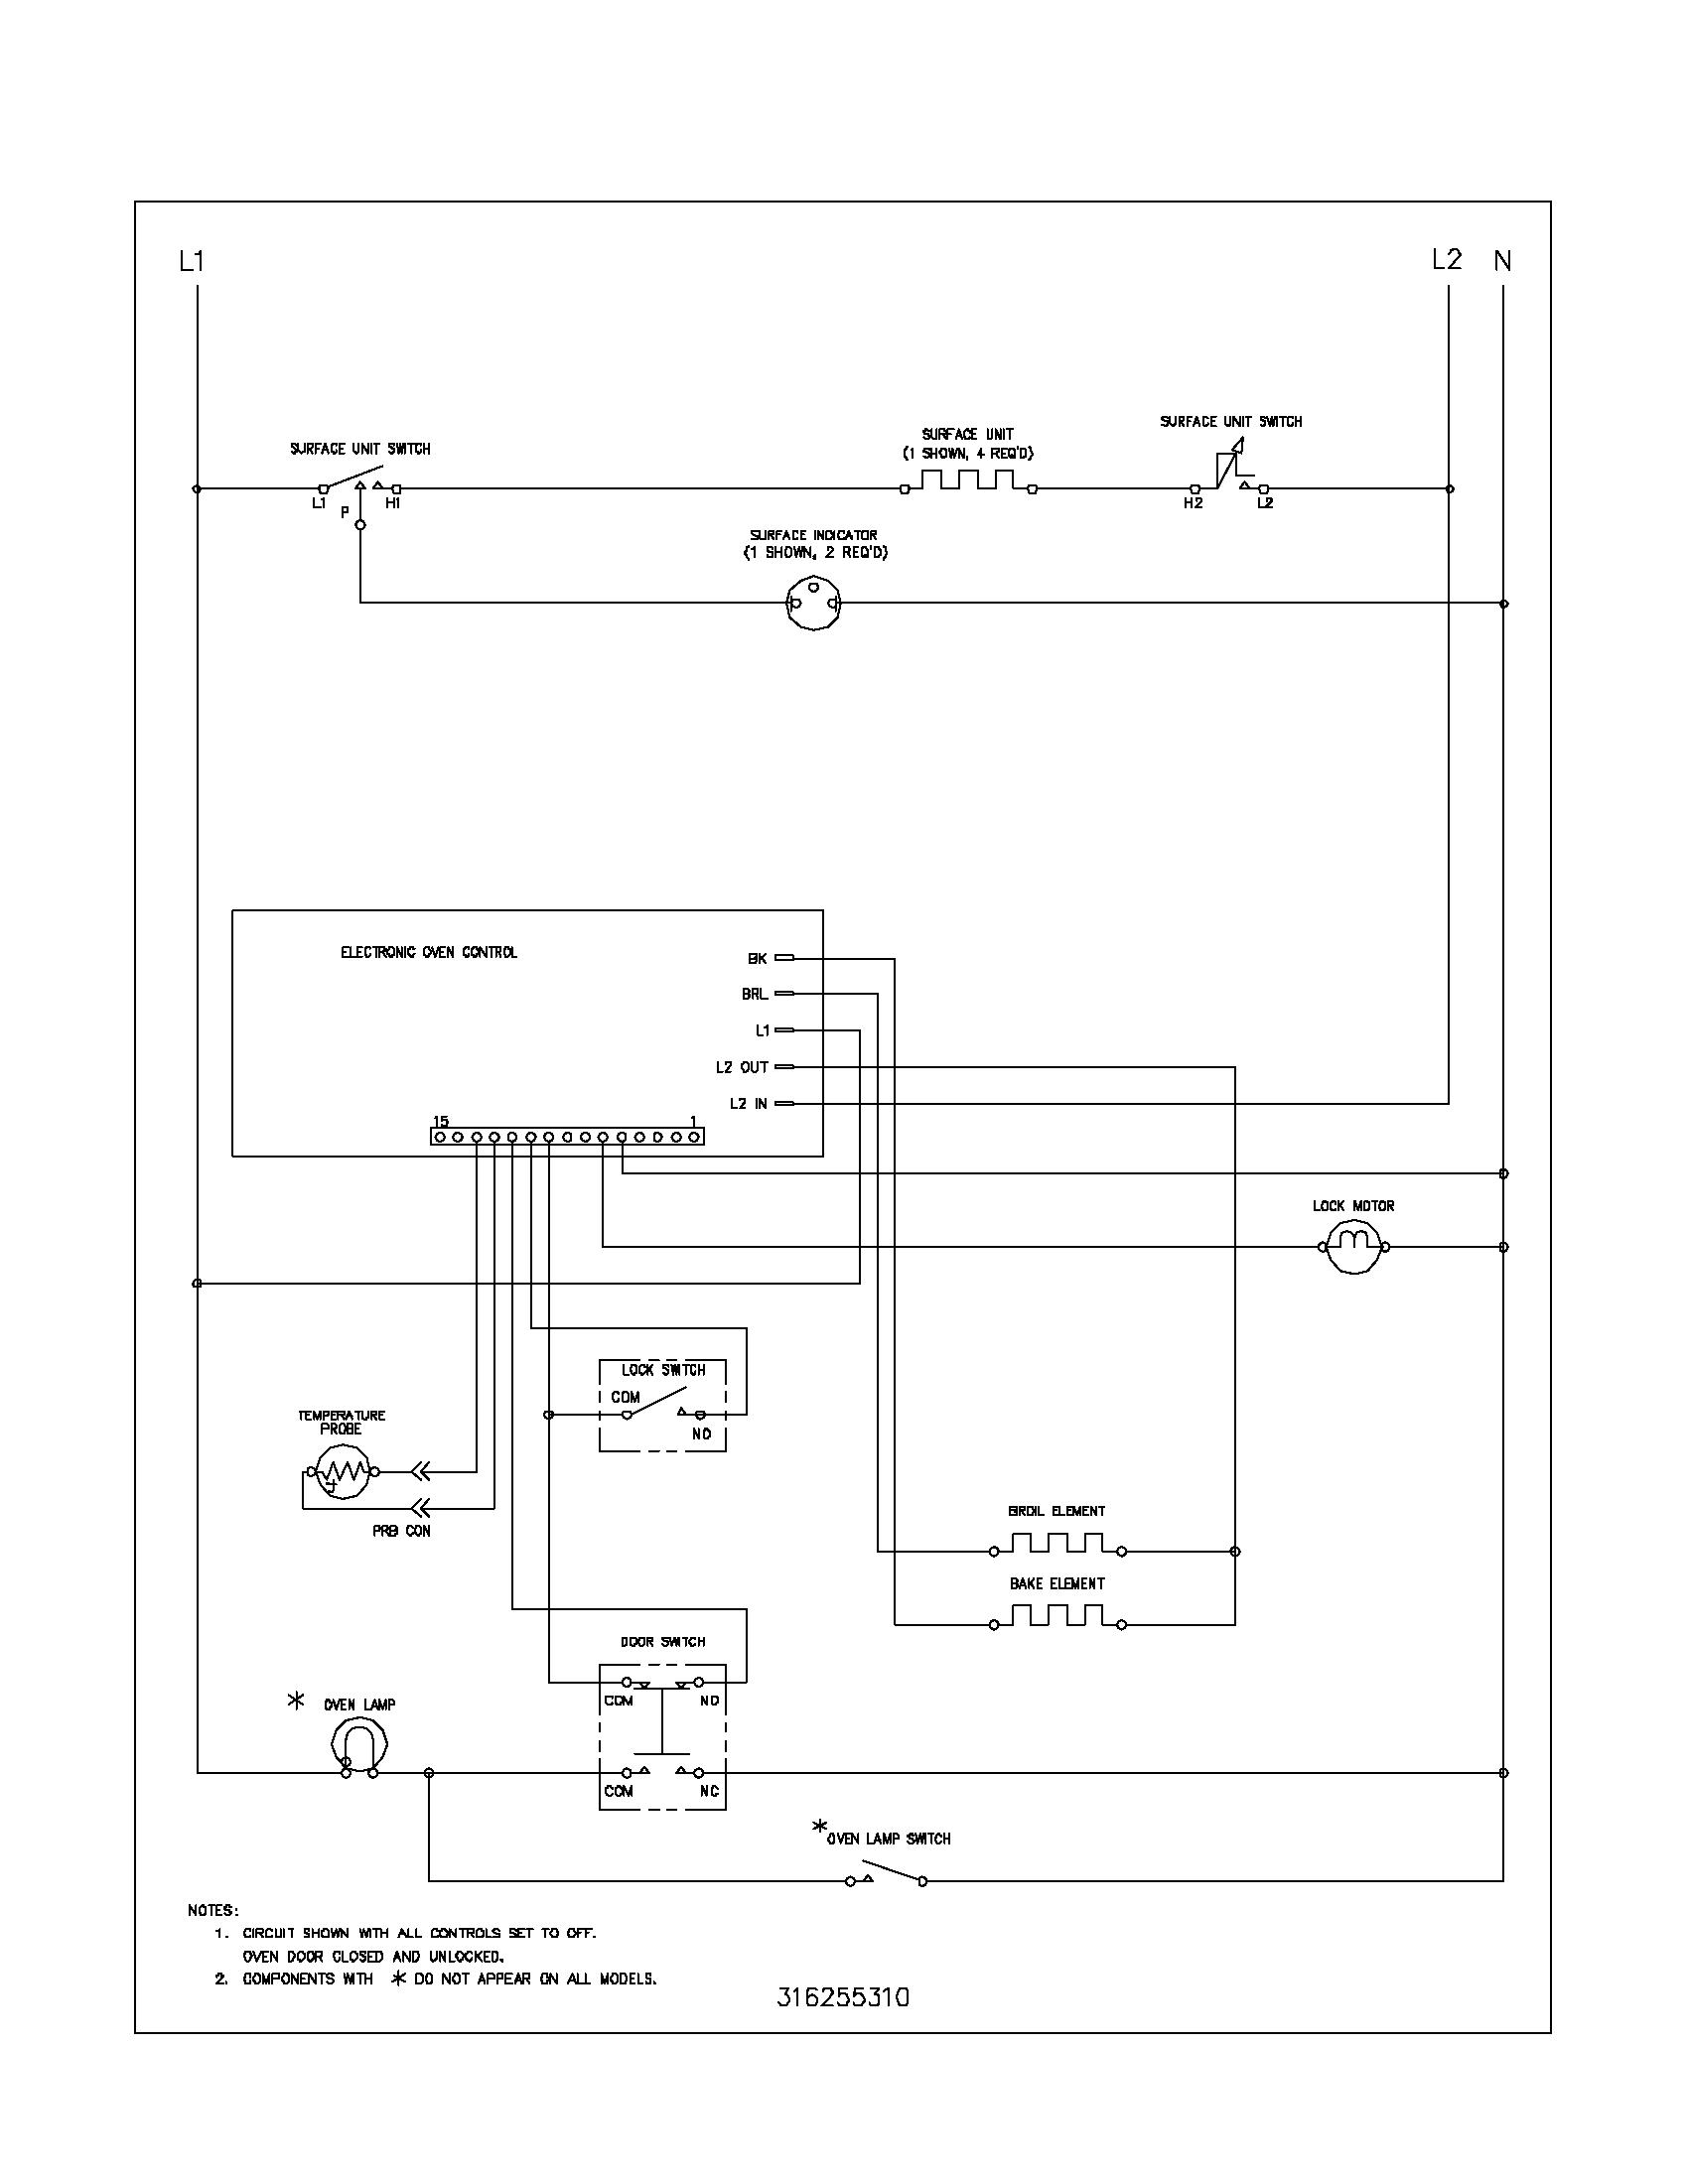 Google Refridgerator Wiring Diagram Time Warner Wiring Diagrams ...